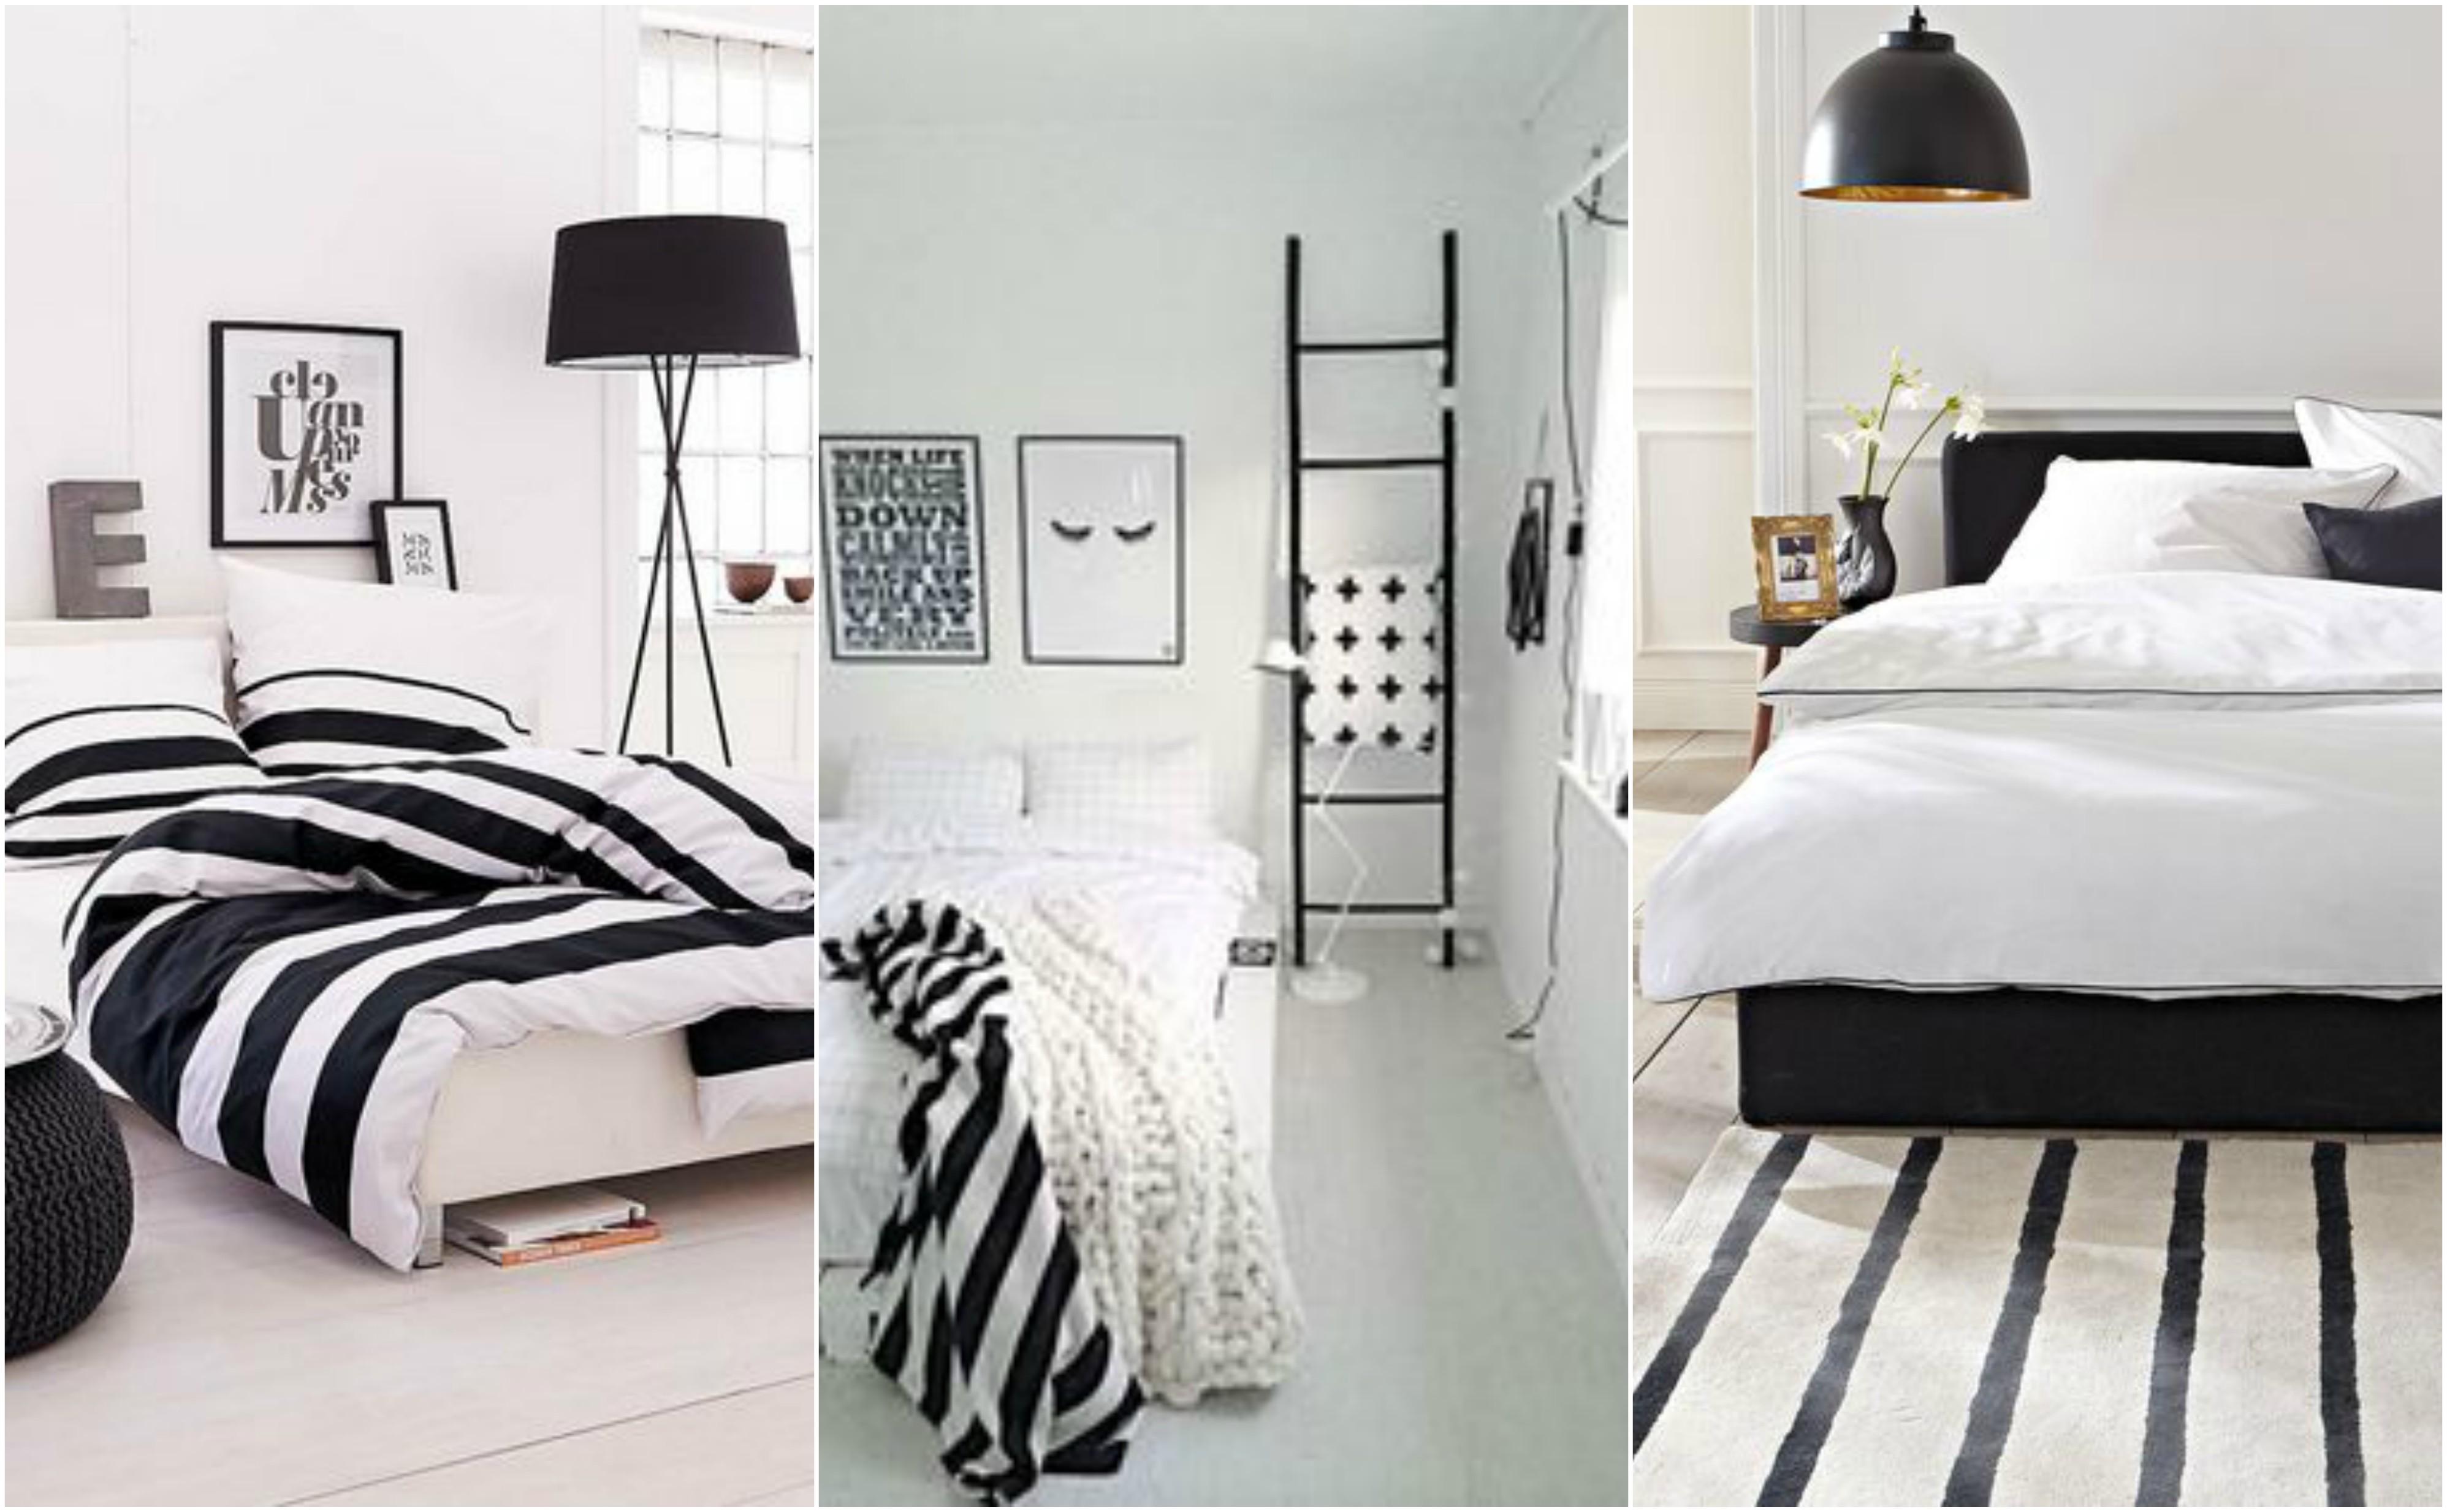 Ideias e dicas para Decorar quarto preto e branco